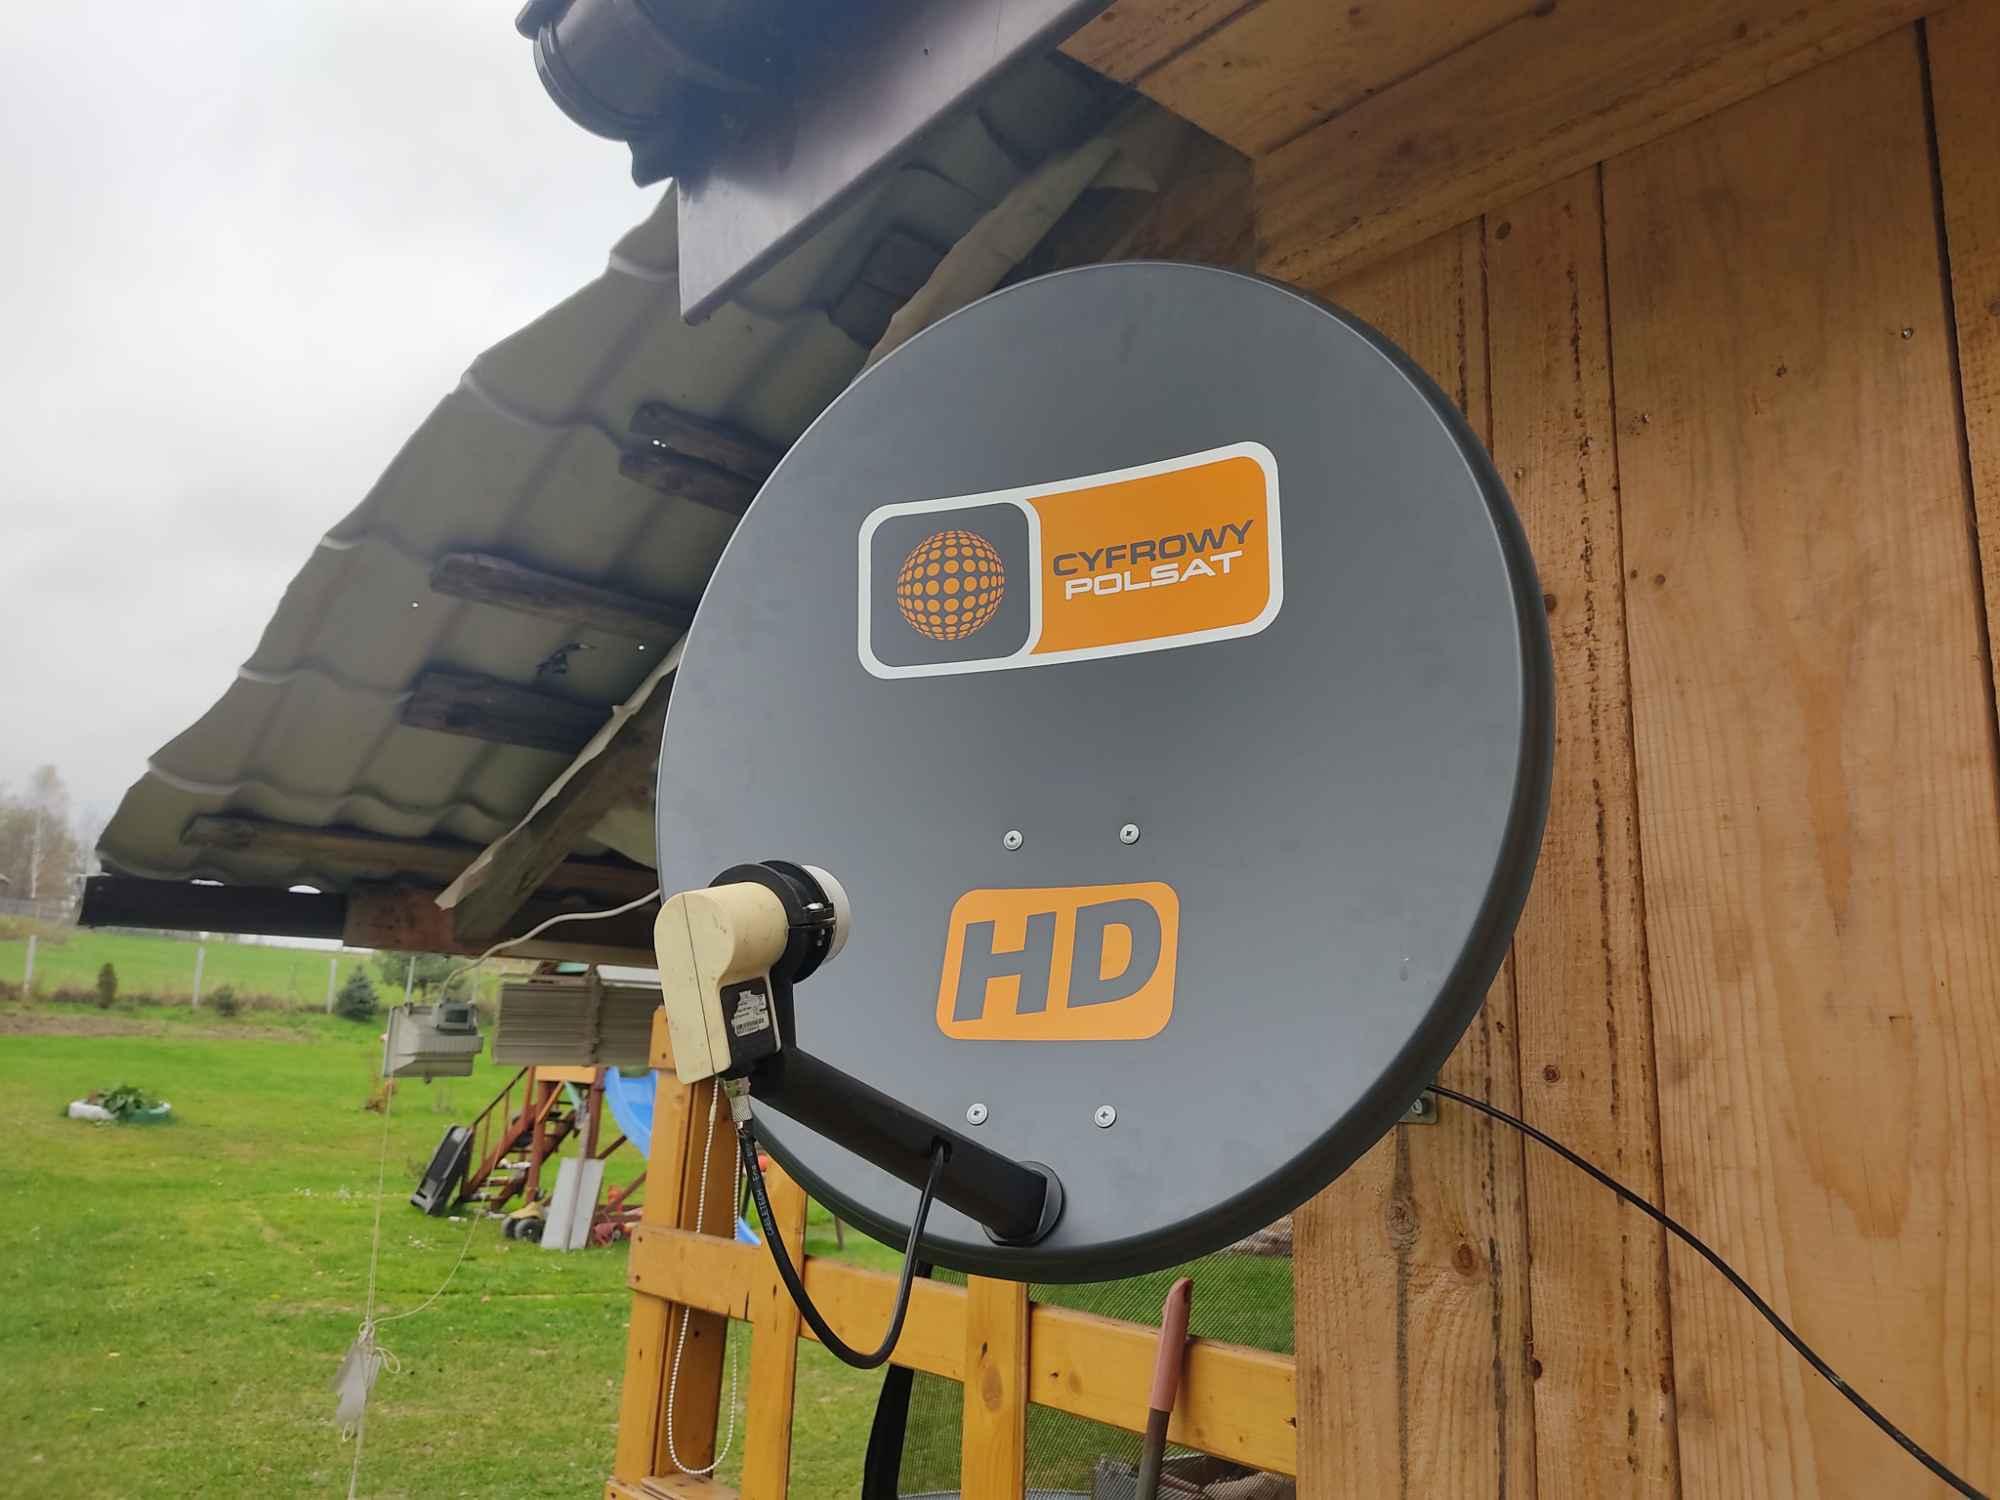 REGULACJA SERWIS NAPRAWA MONTAŻ ANTEN SATELITARNYCH DVB-T 24h Skawina - zdjęcie 3